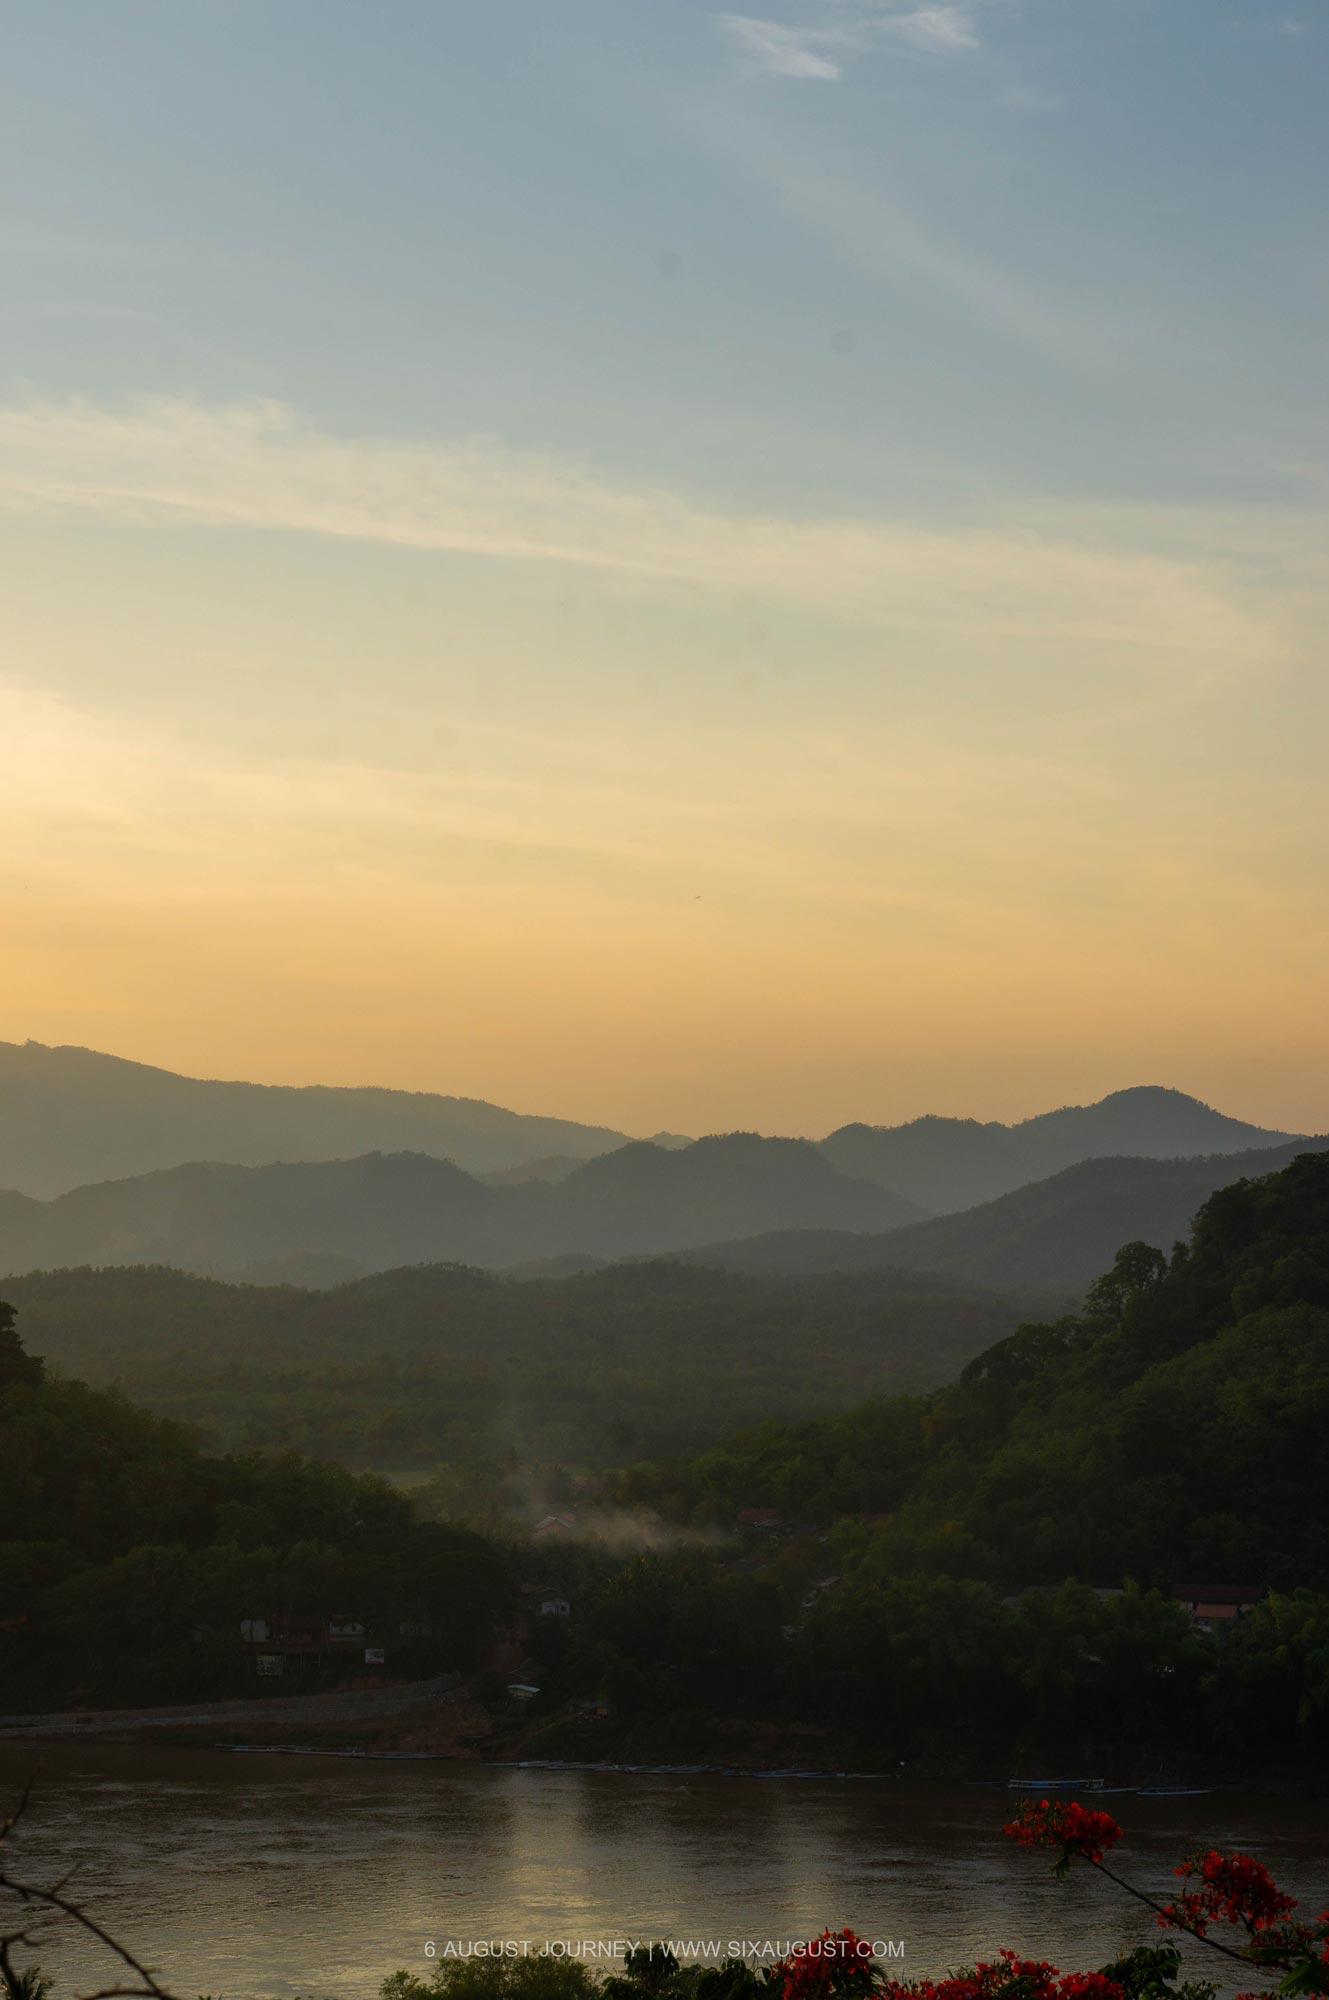 พระอาทิตย์ตกที่ หลวงพระบาง ที่เที่ยว